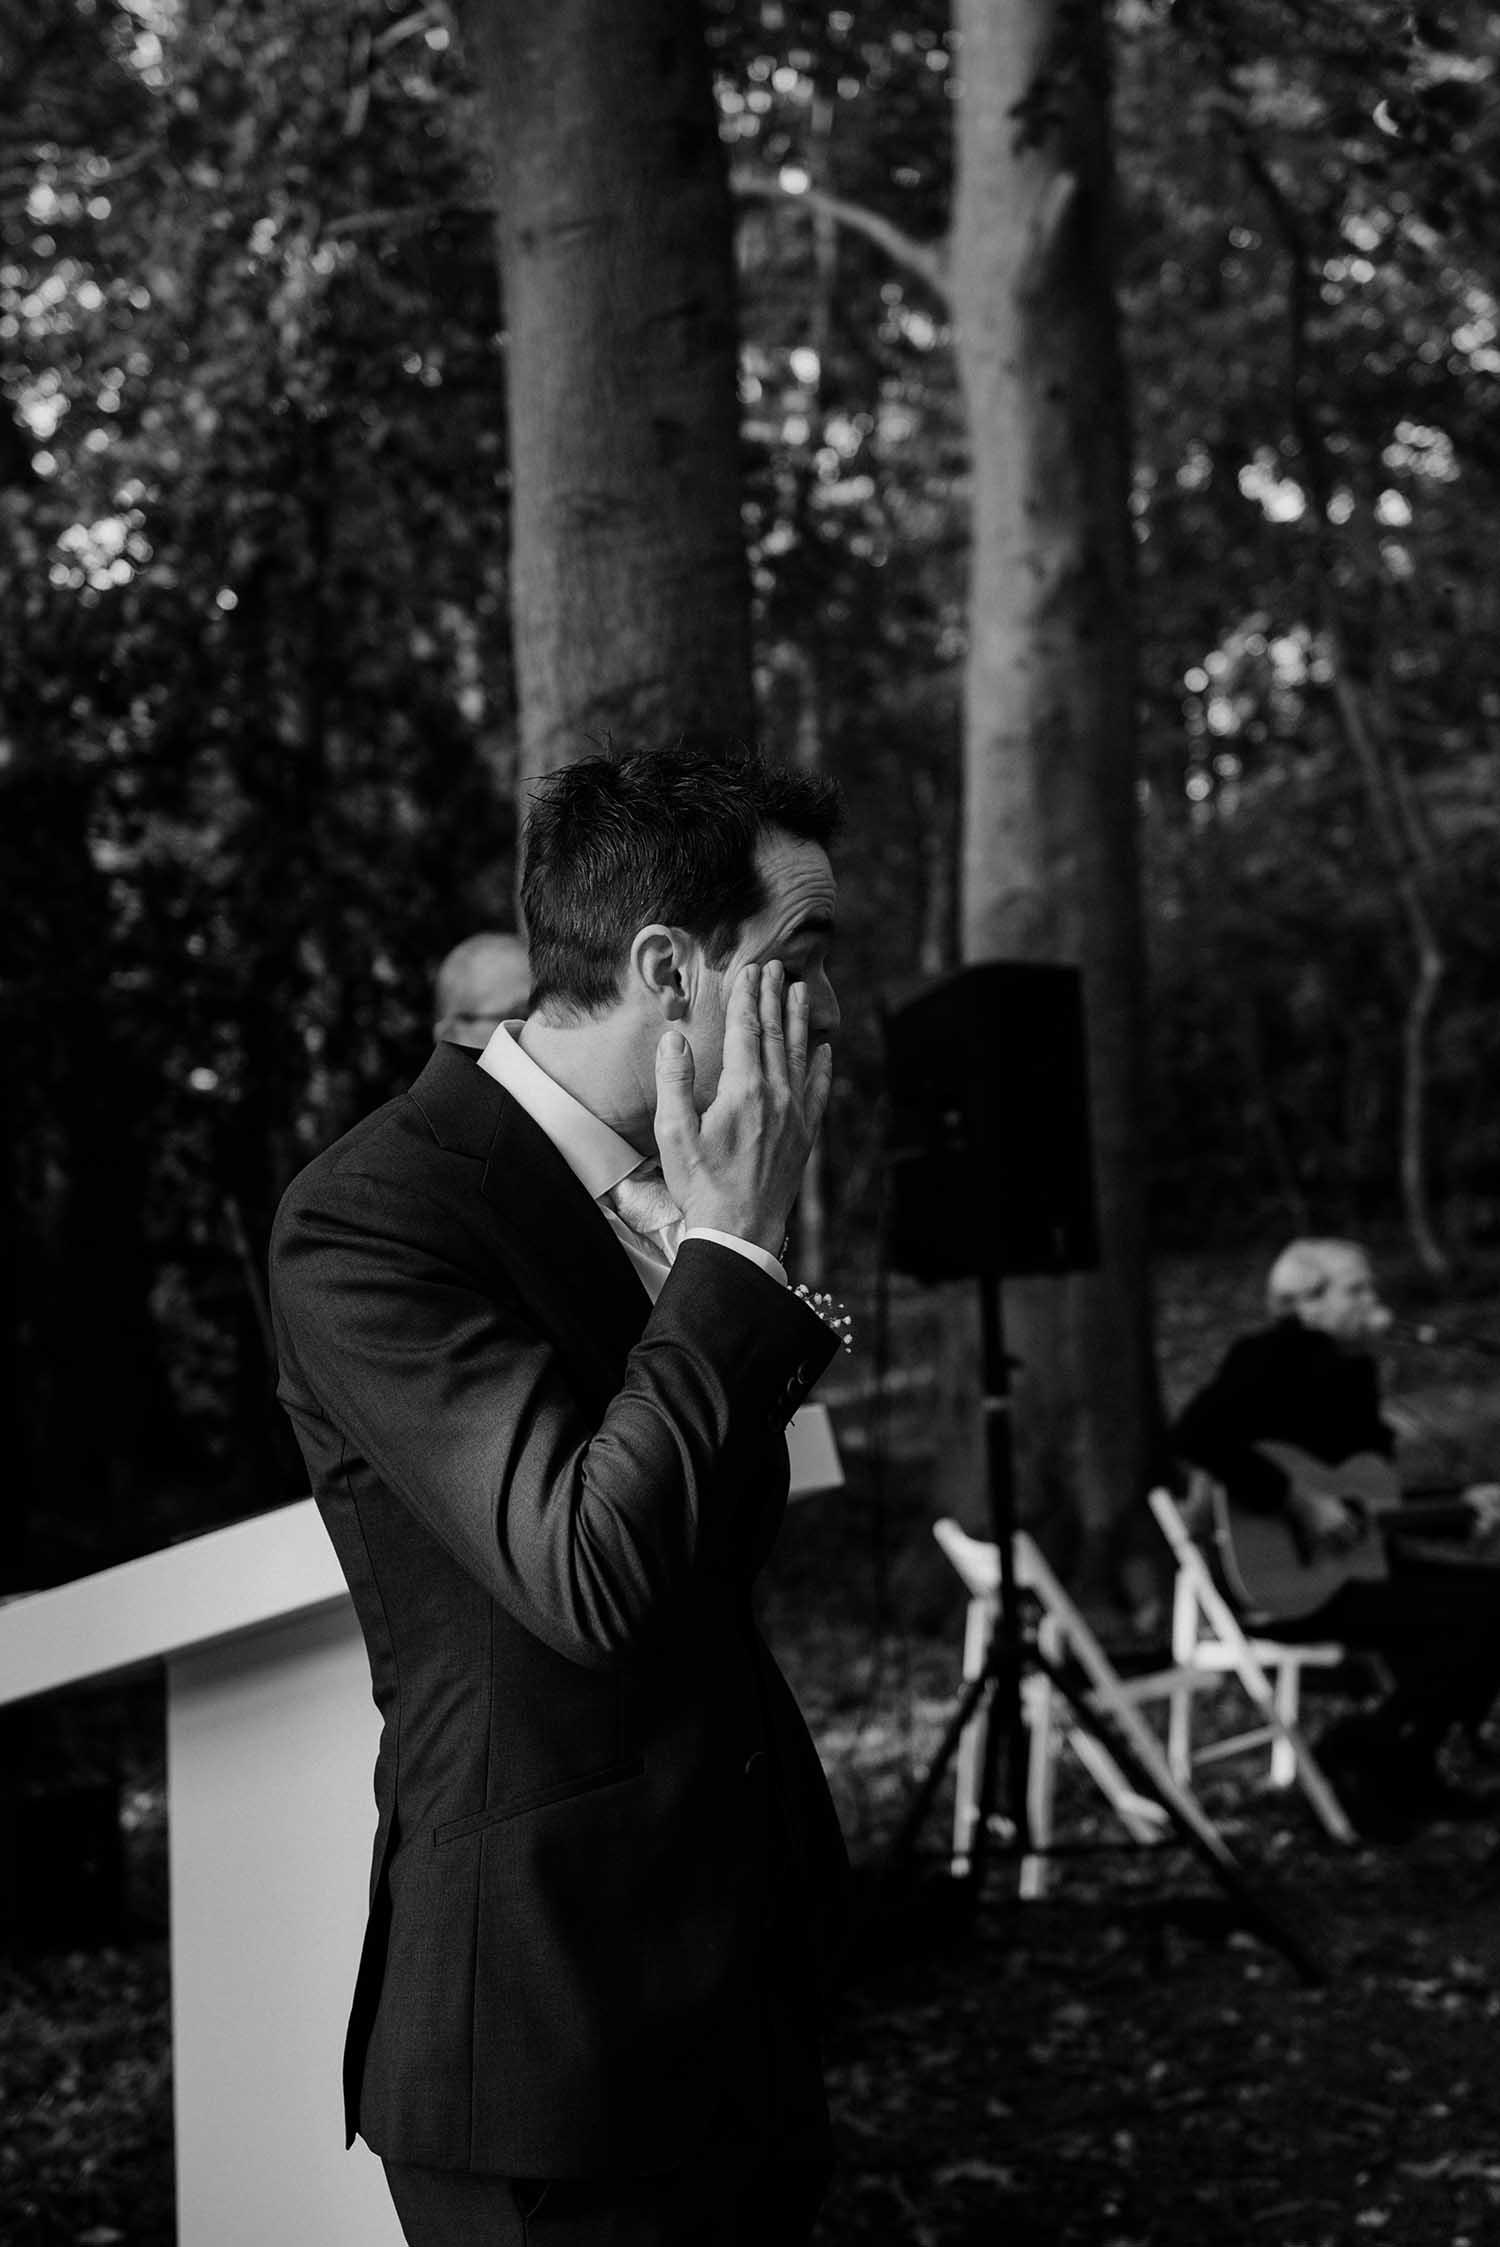 trouwfotograaf_nederland_limburg_bruiloft_boho_vintage_wedding_foodtruck_taart_bruid_bruidegom_bruidsfotograaf_Brabant_Roermond_Amsterdam_winterbruiloft_winterwedding_trouwjurk_buitenceremonie_BureauCocoon_zomerbruiloft_lentebruiloft_herfstbruiloft_buitenlandsbruiloft